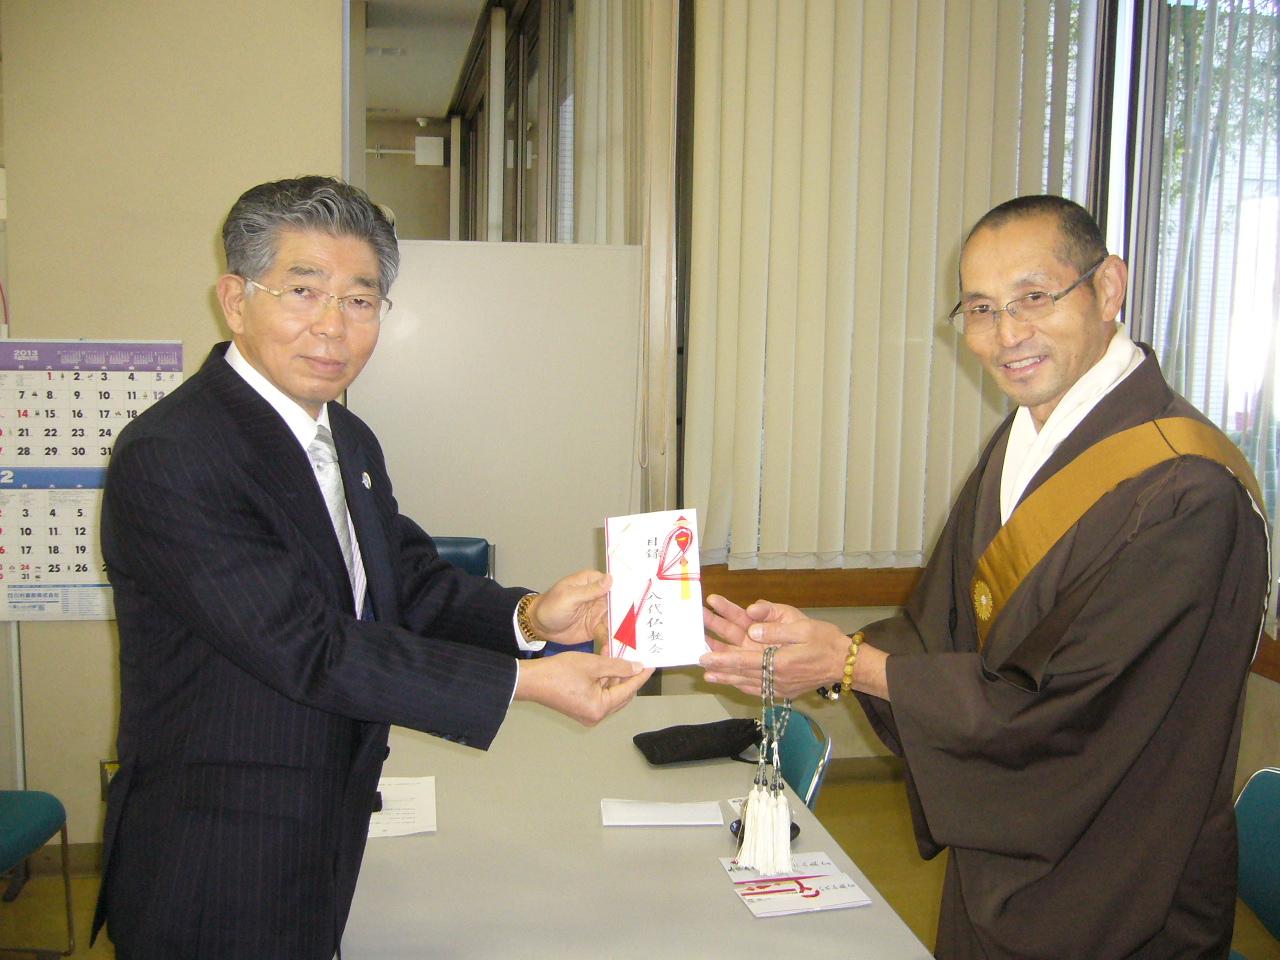 八代仏教会寄付贈呈2.JPG